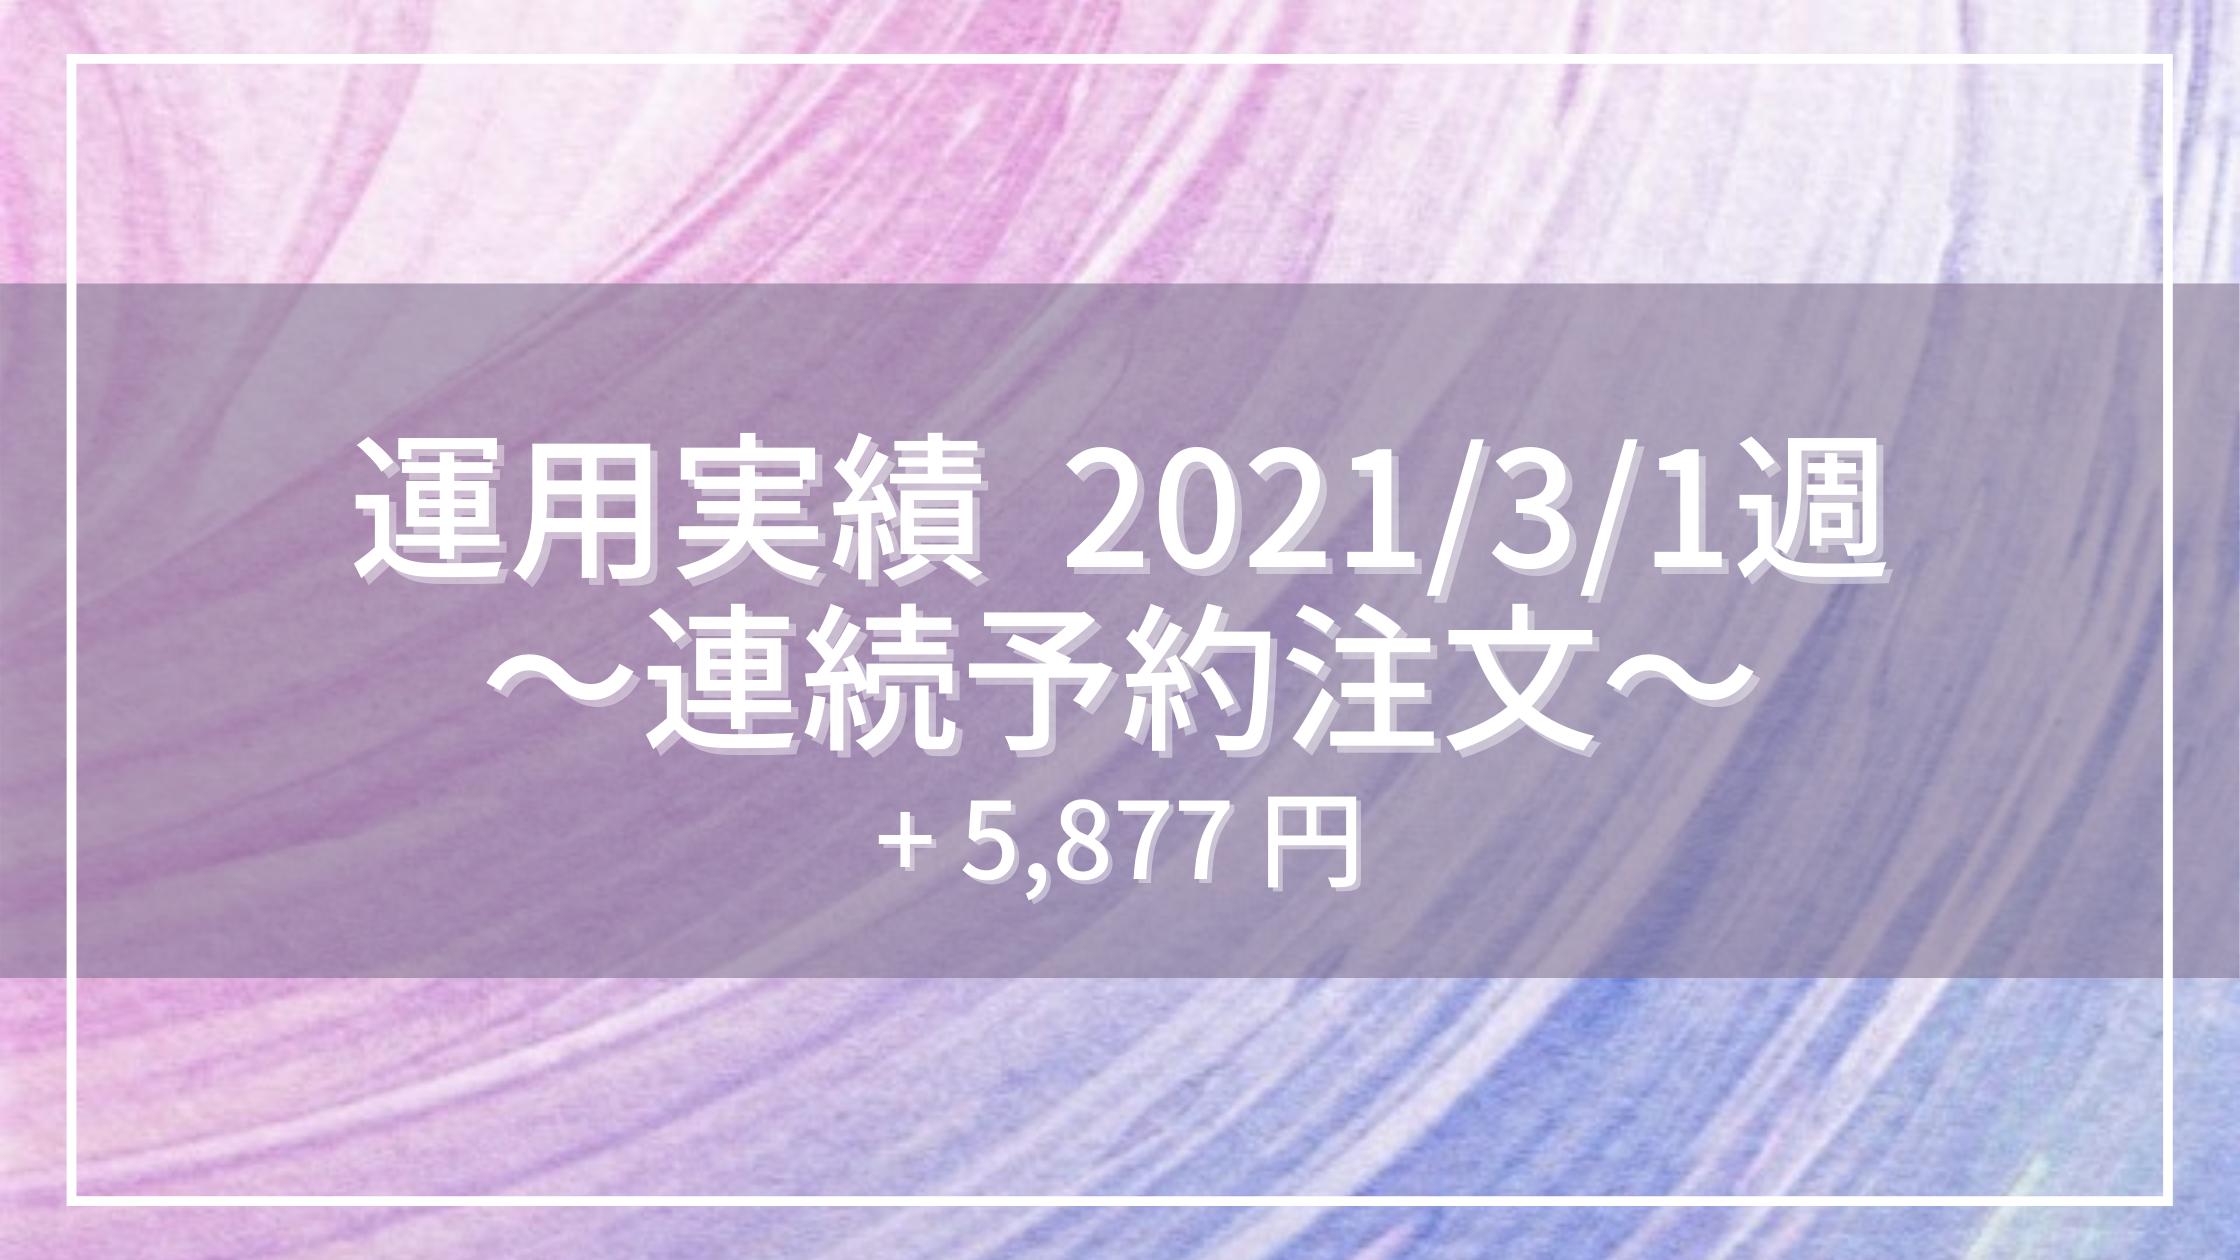 20210301_運用実績_連続予約注文